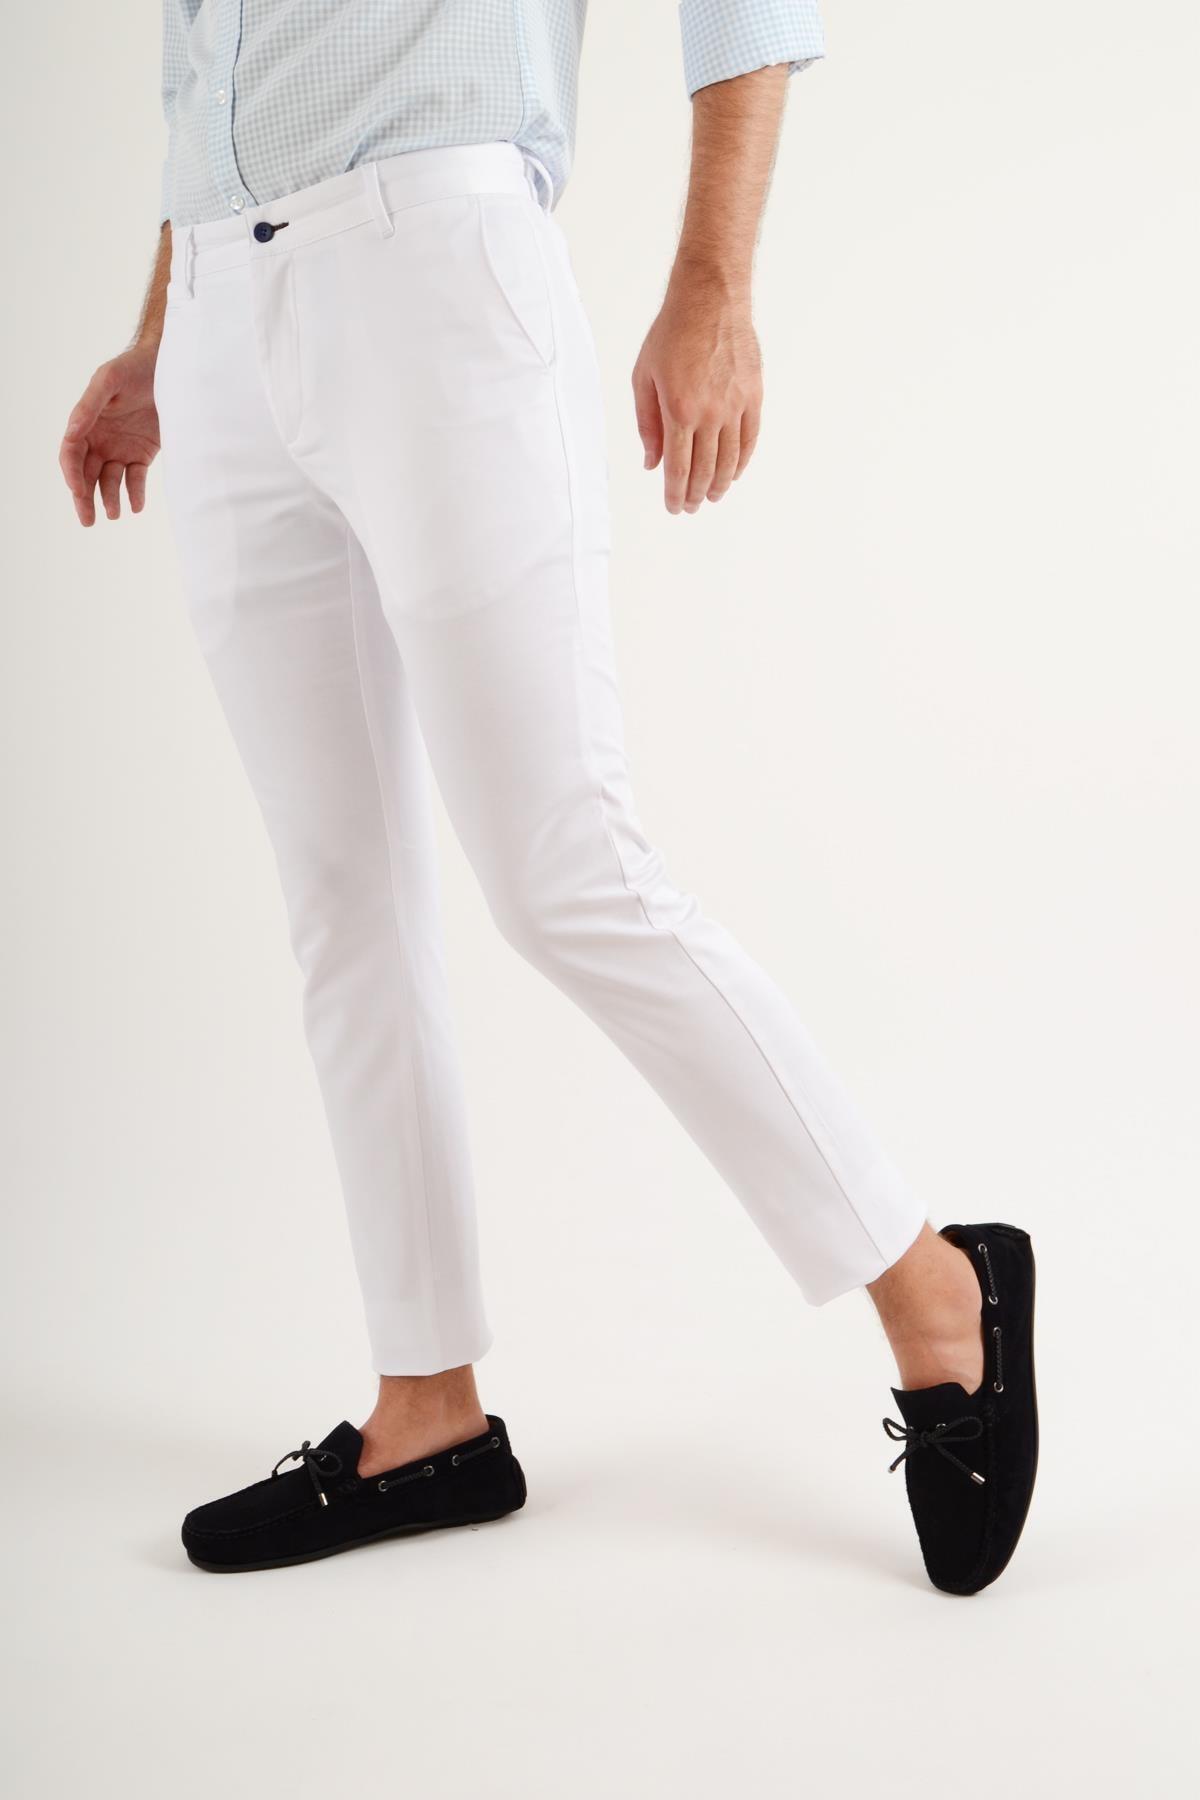 Luppo Club Günlük Kumaş Beyaz Erkek Pantolon Salacak 1